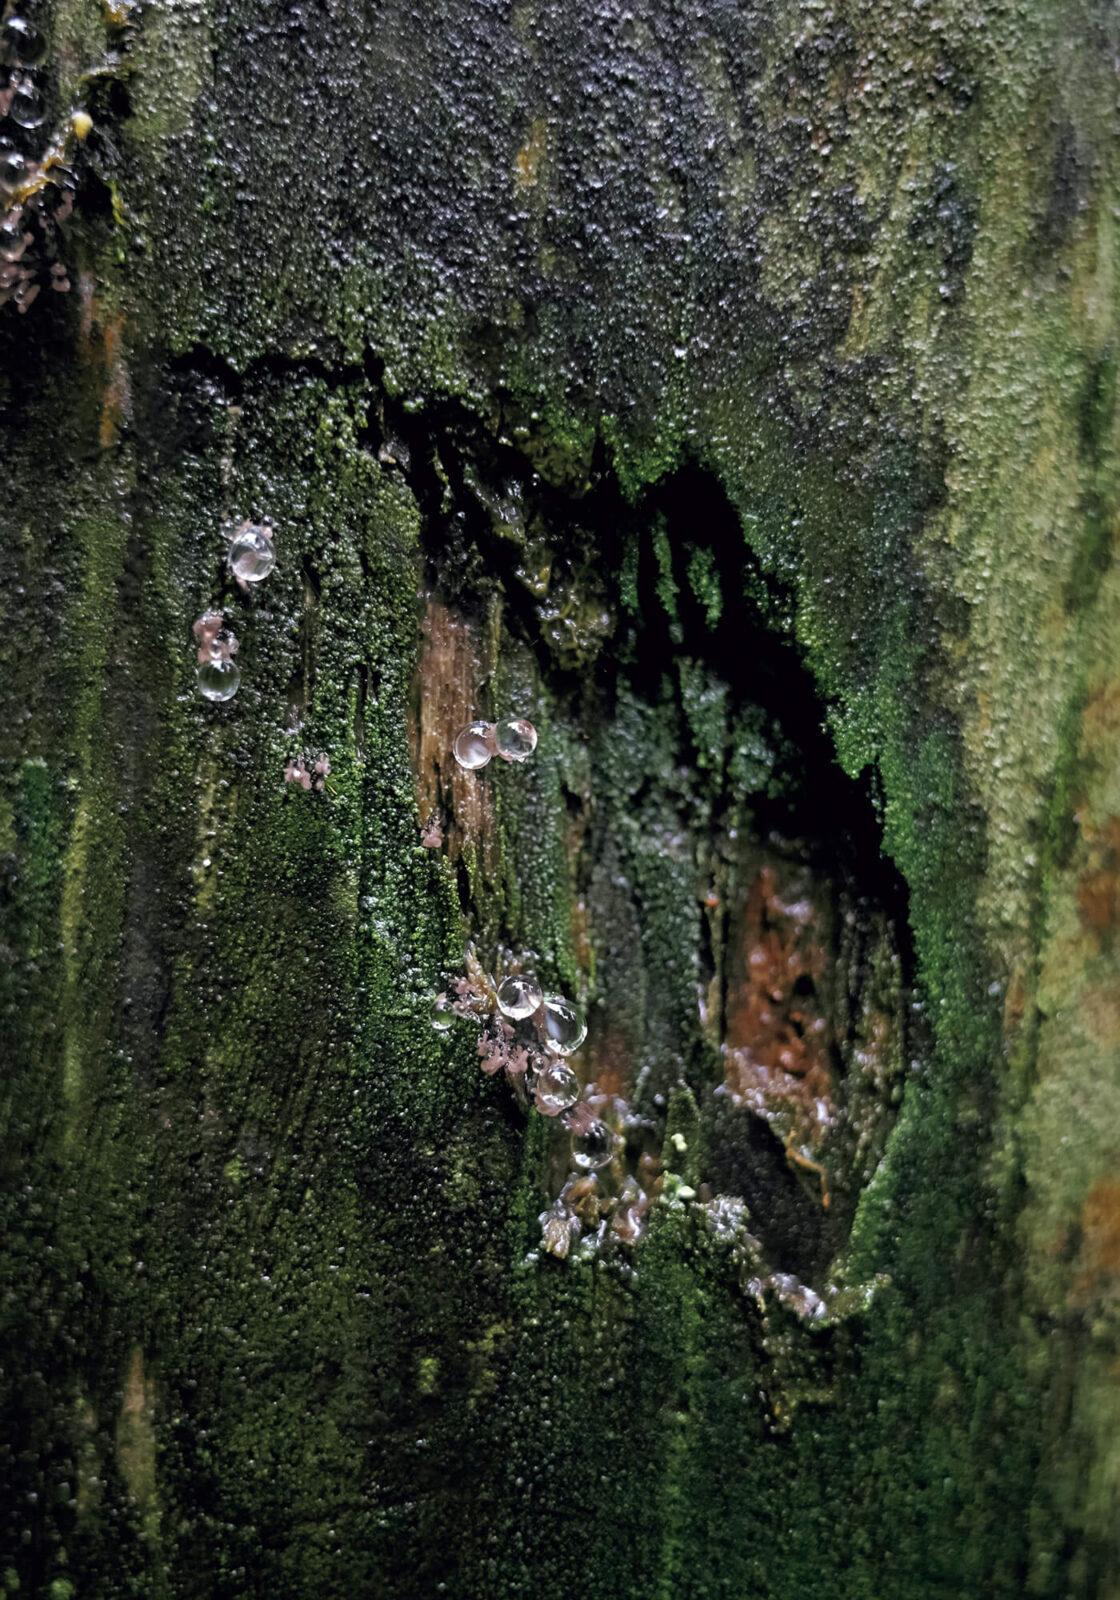 木の表面を注意深く観察すると、先端に蒴(胞子嚢)をつけた苔の胞子体を見ることができる。小さな胞子体が雨の水滴を纏った姿は、まるで繊細なガラスアートのよう。